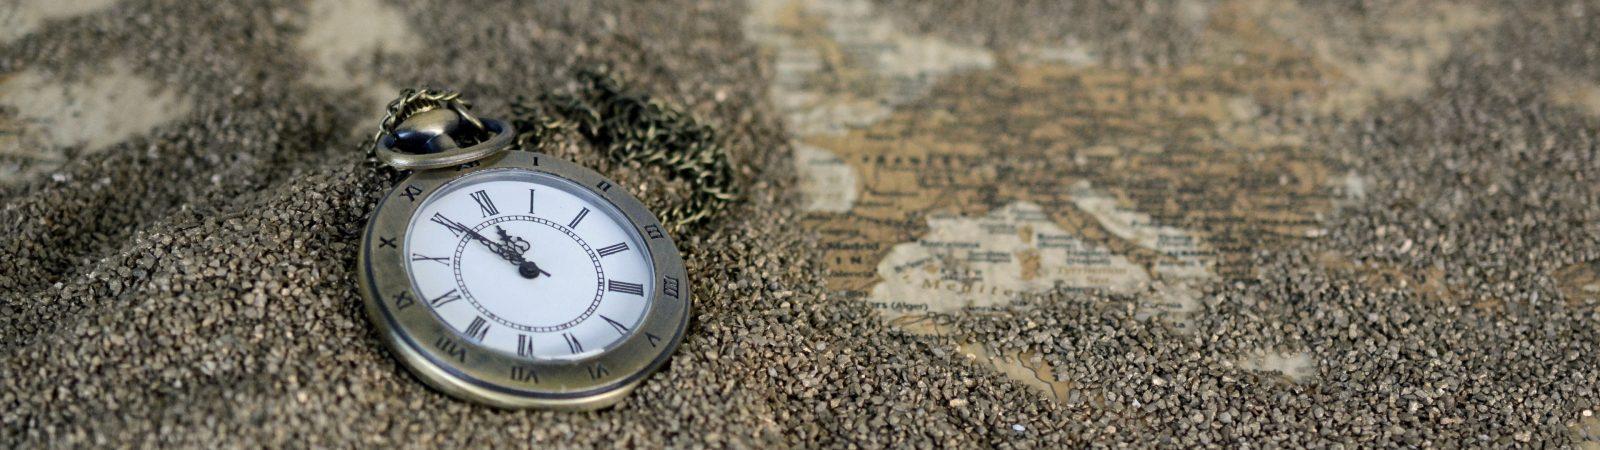 Laikrodis ant smėlio